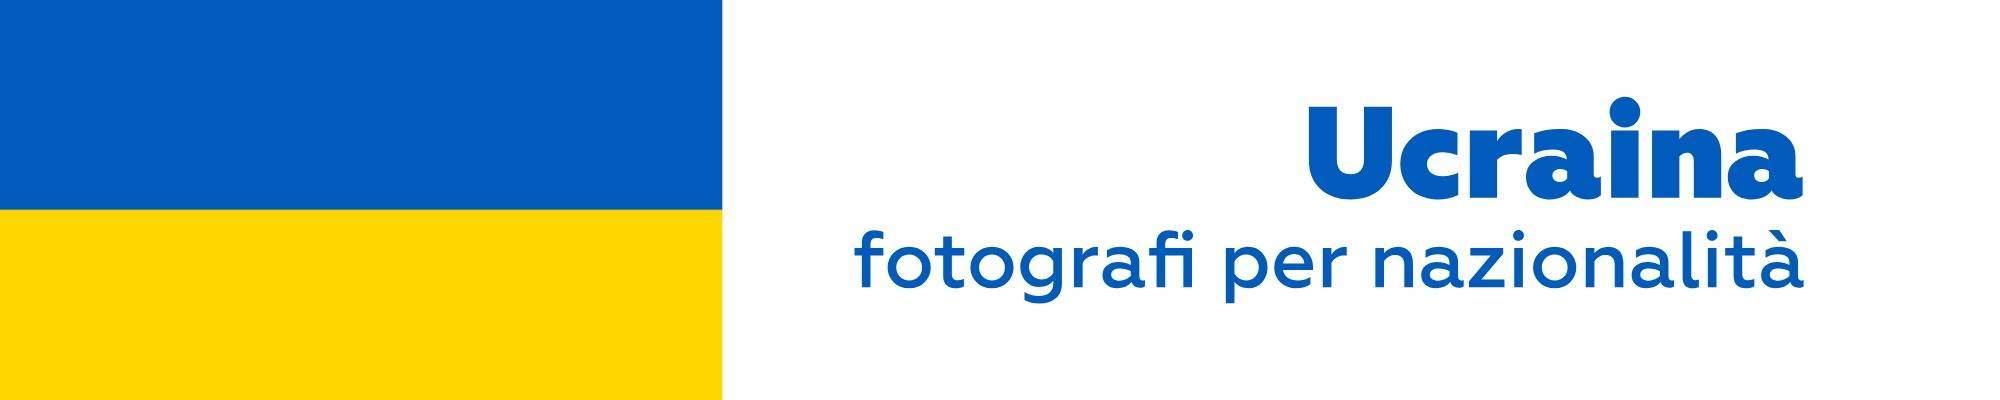 fotografi per nazione ucraina_testata